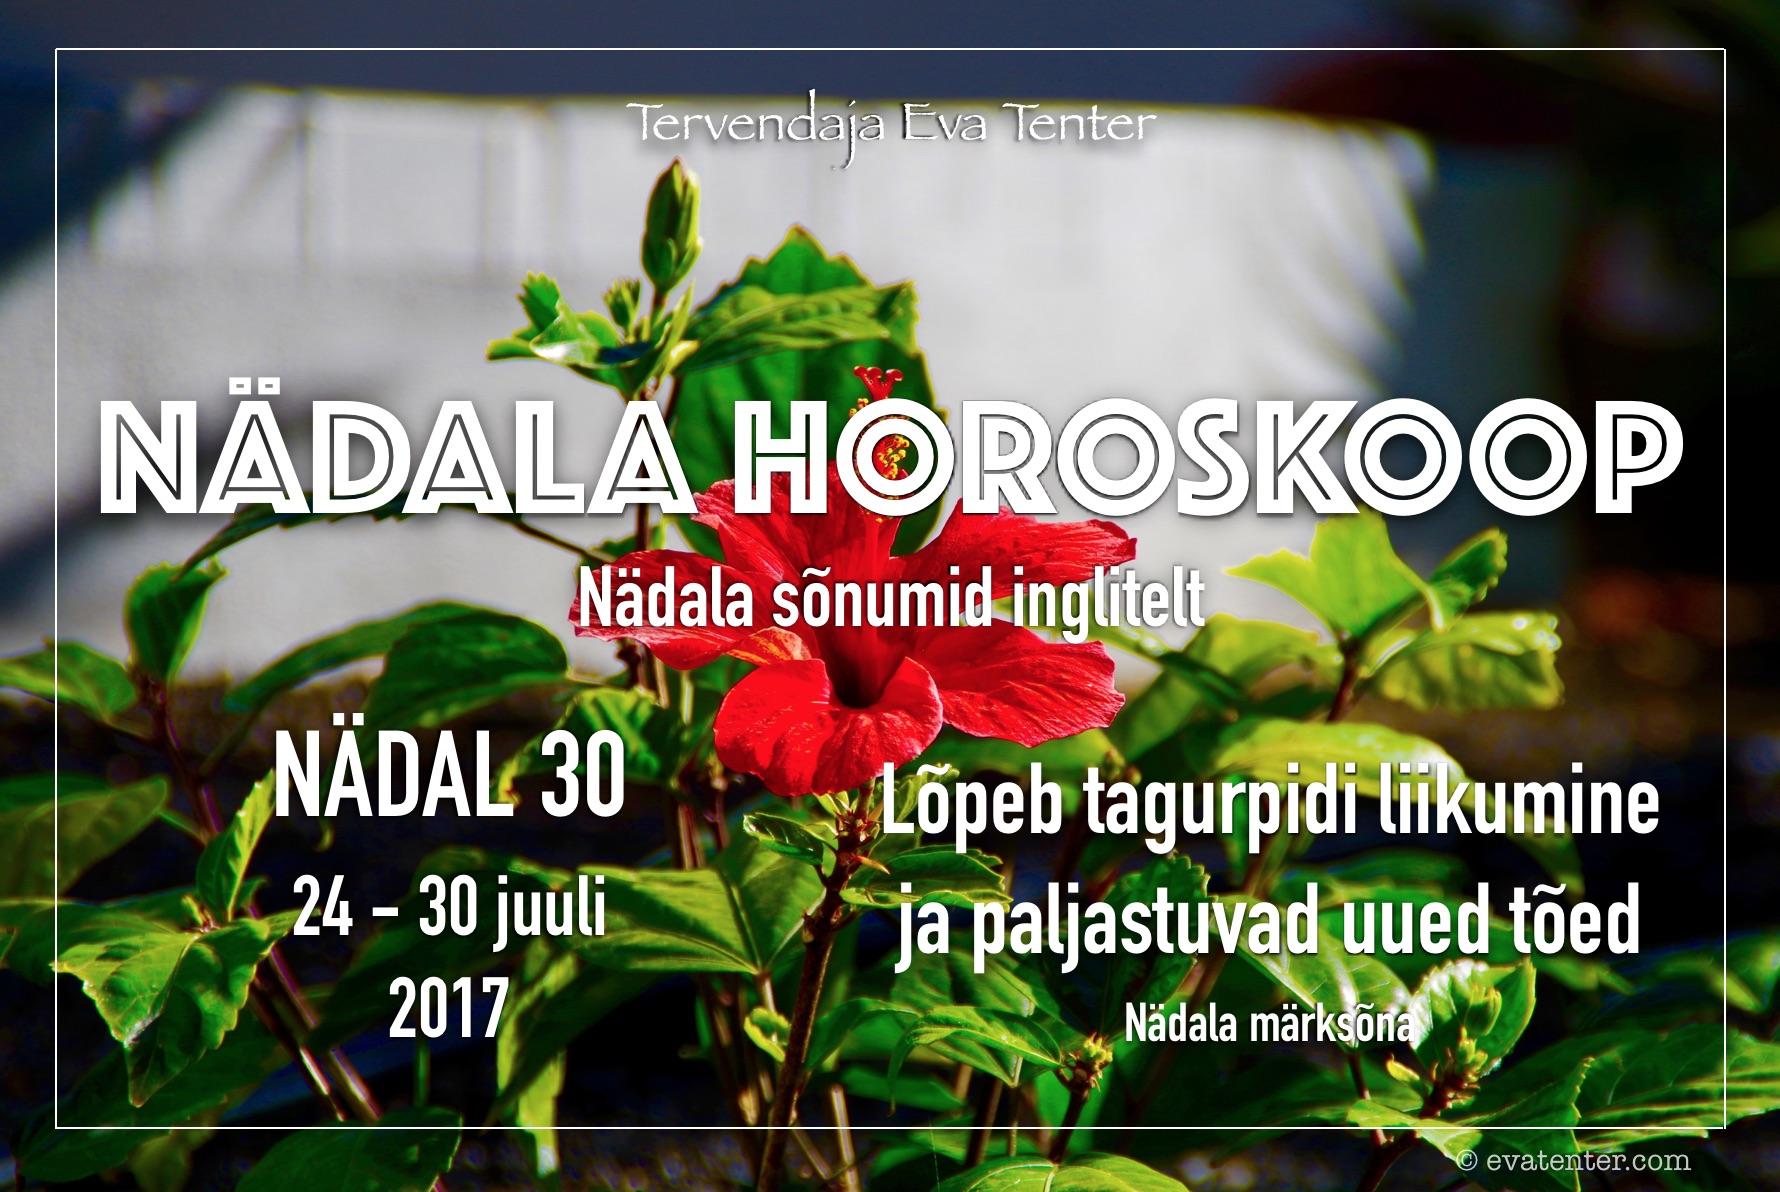 Nädala horoskoop 24.07-30.07.2017